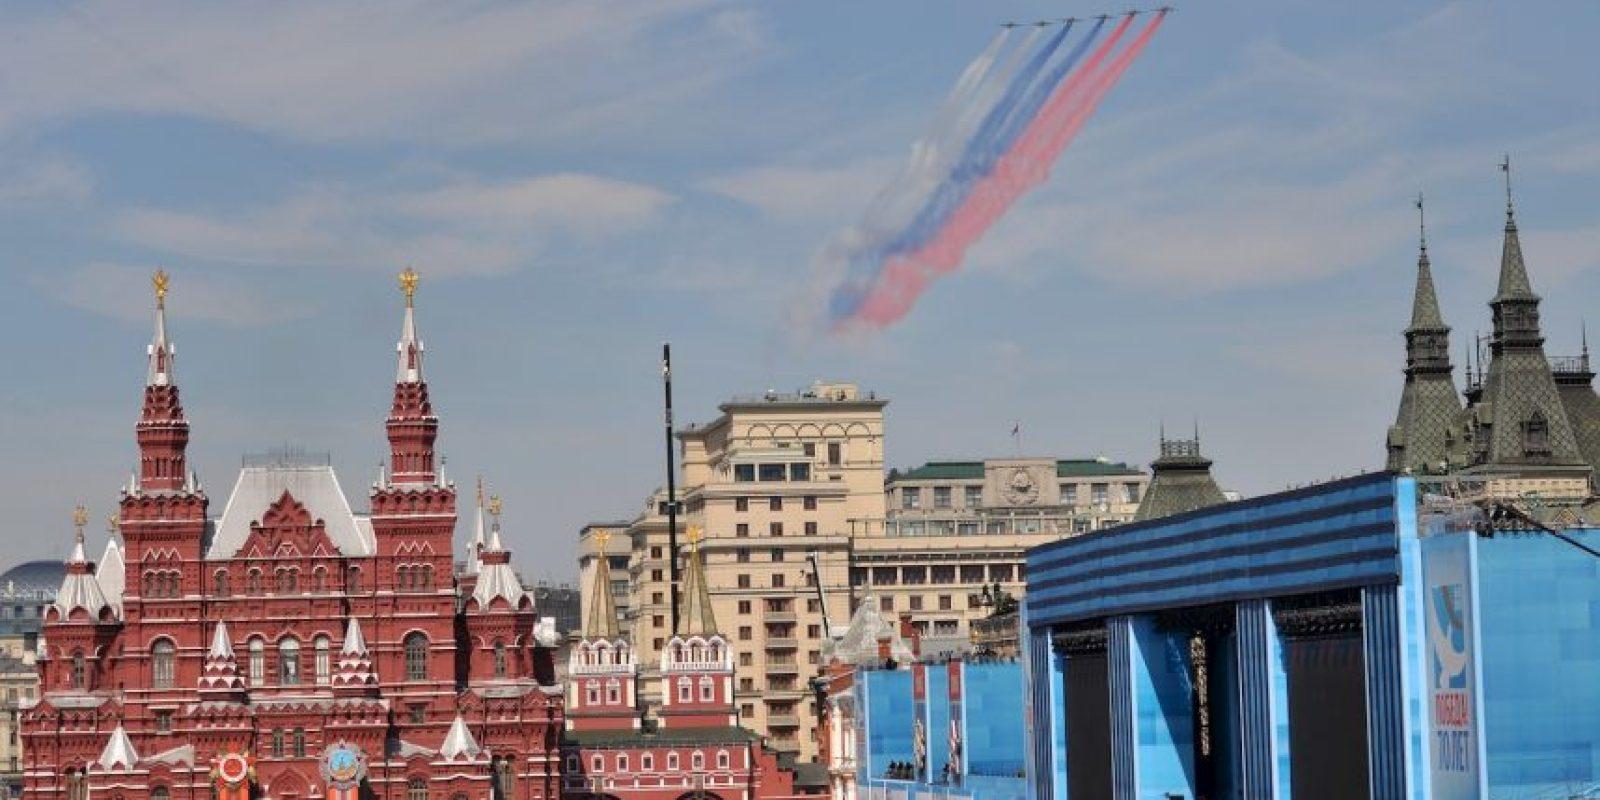 El Día de la Victoria es día festivo en Rusia, Ucrania y en la mayoría de antiguas repúblicas soviéticas Foto:Getty Images